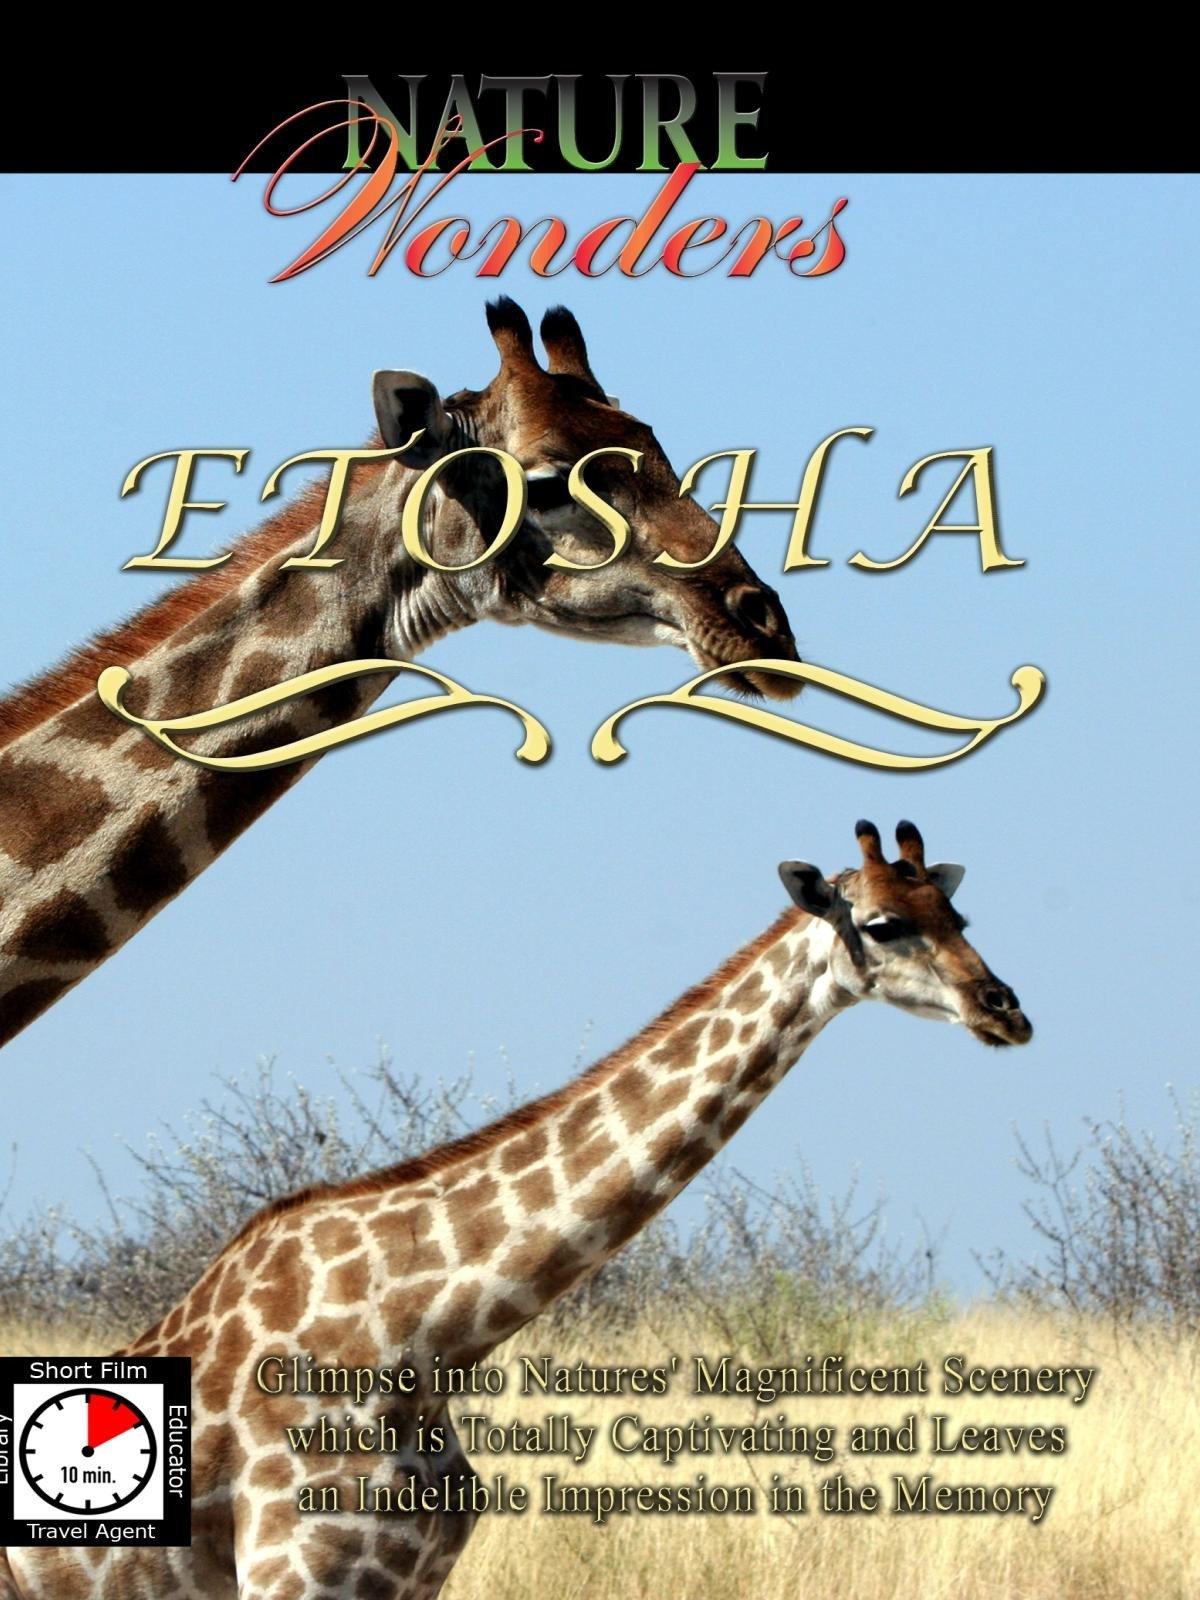 Nature Wonders - Etosha - Namibia